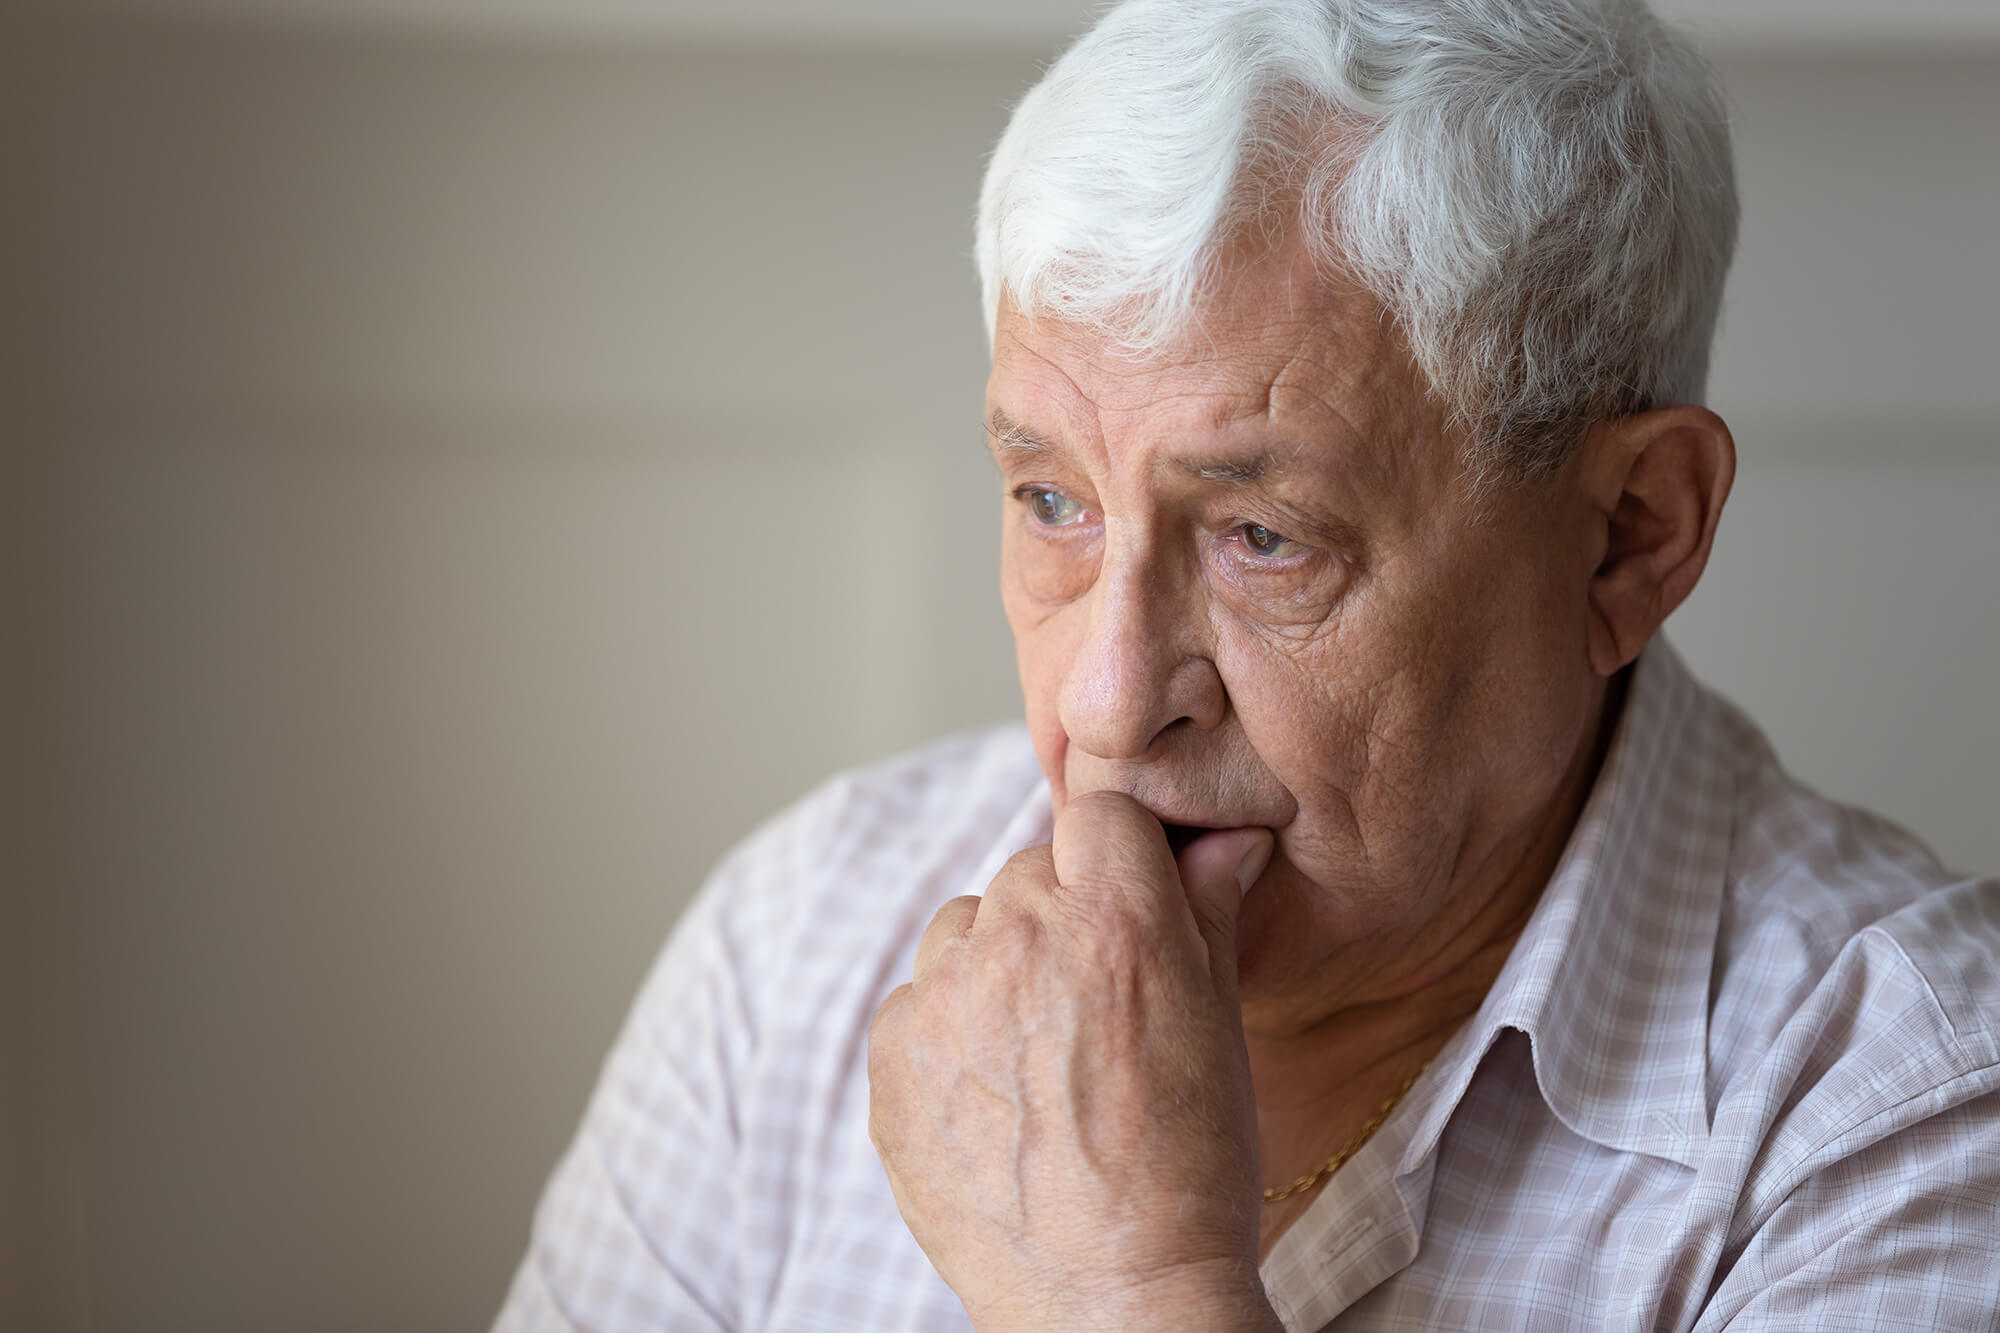 El cáncer de próstata es la causa más común de muerte por cáncer en hombres mayores.